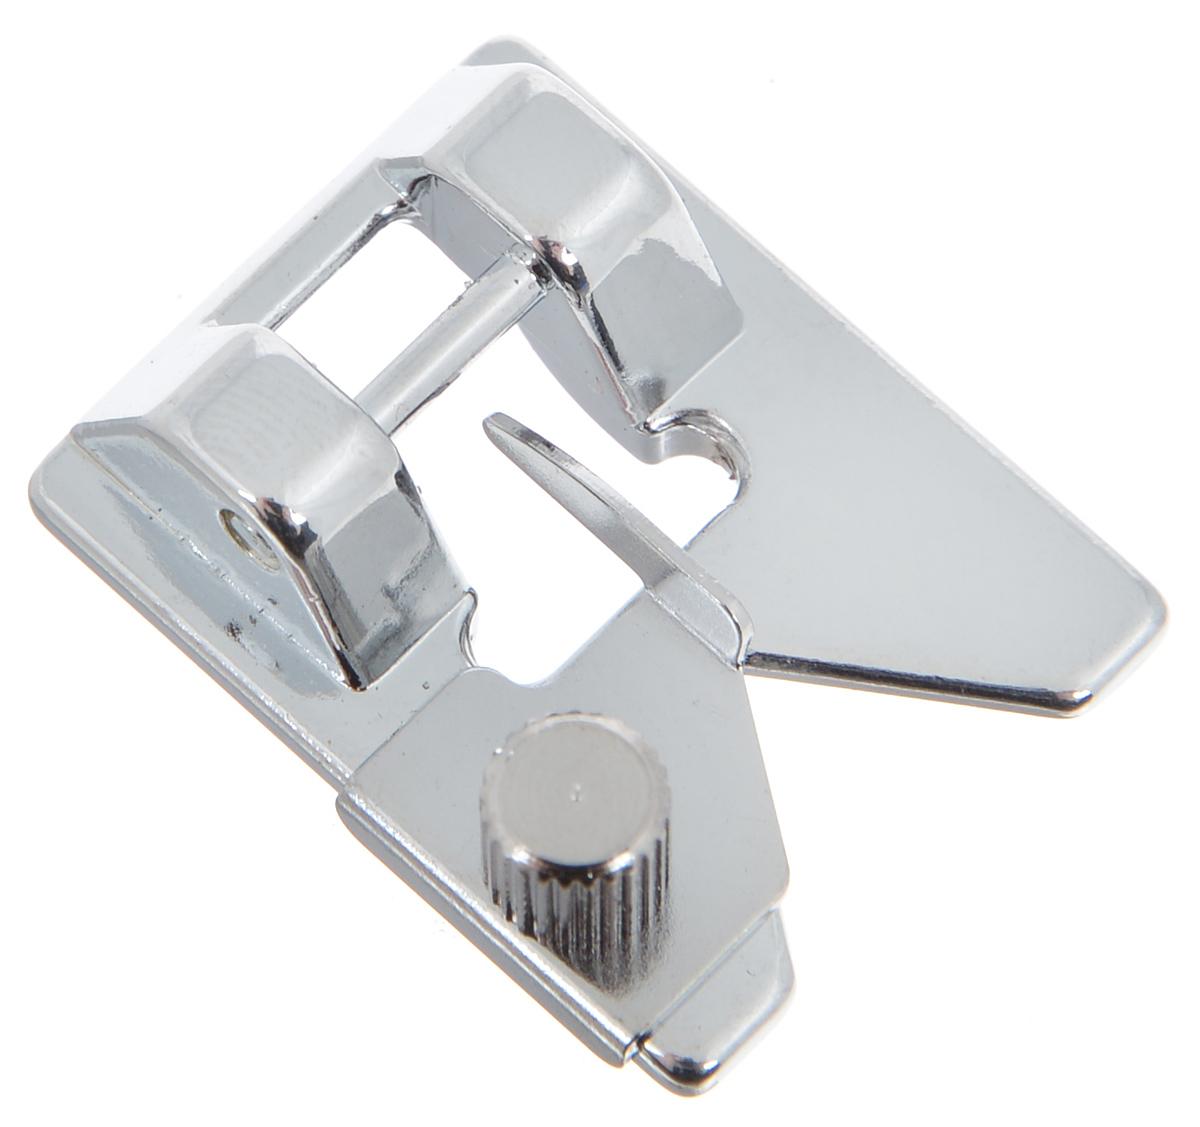 Лапка для швейной машины Aurora, для бахромыAU-146Лапка для швейной машины Aurora используется для создания бахромы и копировальных строчек. Также может использоваться для пришивания тесьмы и плоских шнуров шириной до 5 мм. Подходит для большинства современных бытовых швейных машин. Инструкция по использованию прилагается.